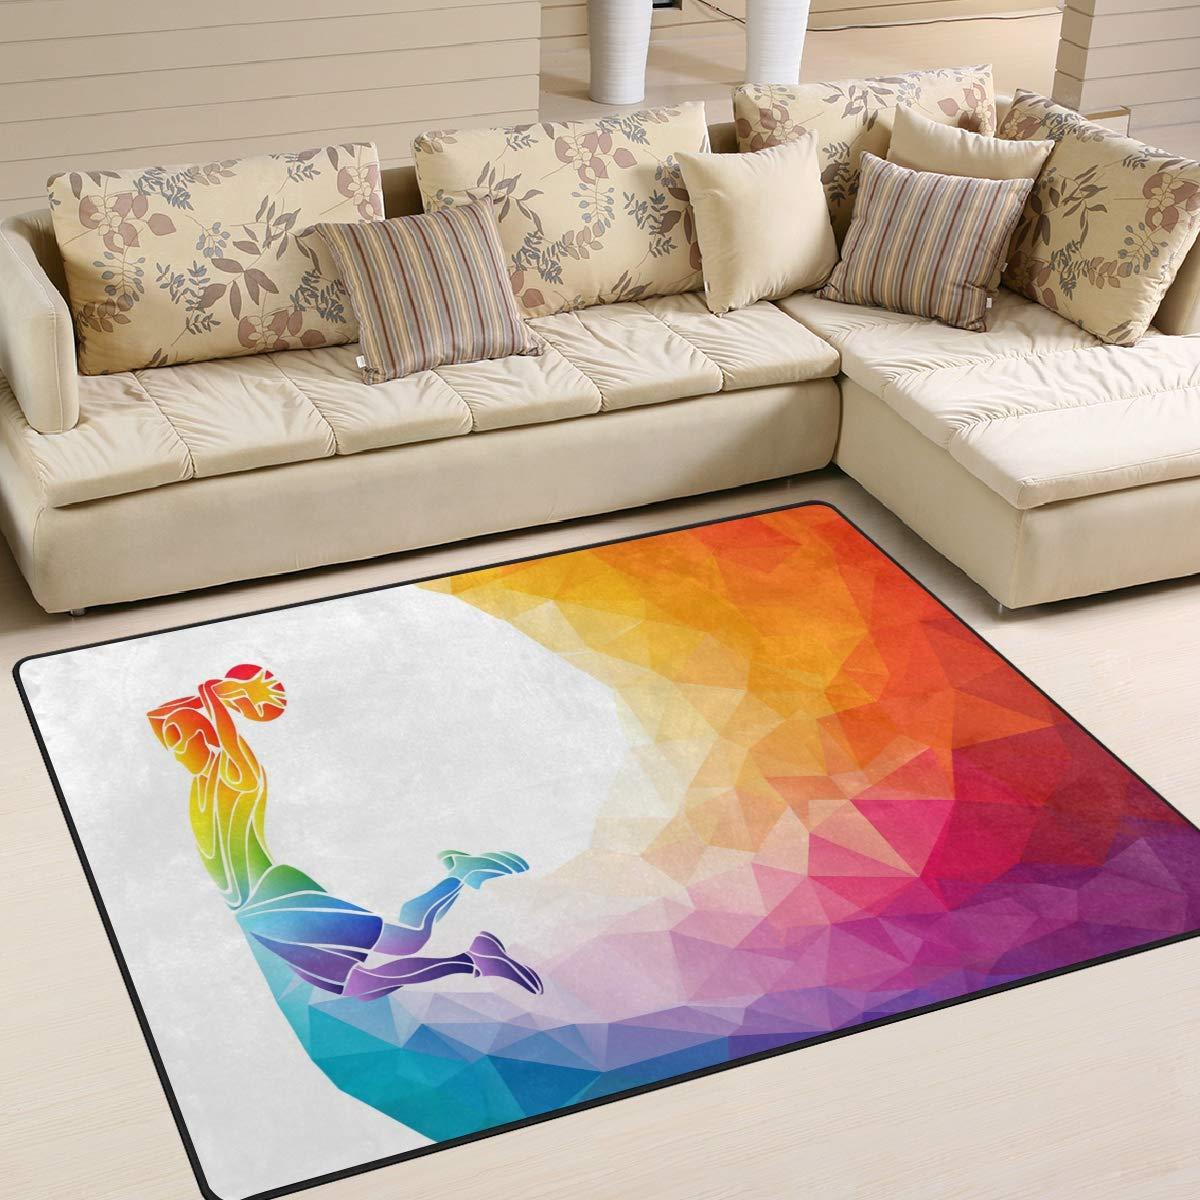 Use7 Geometrische Basketball-Spieler-Teppich für Wohnzimmer, Schlafzimmer, Textil, Multi, 203cm x 147.3cm(7 x 5 feet)